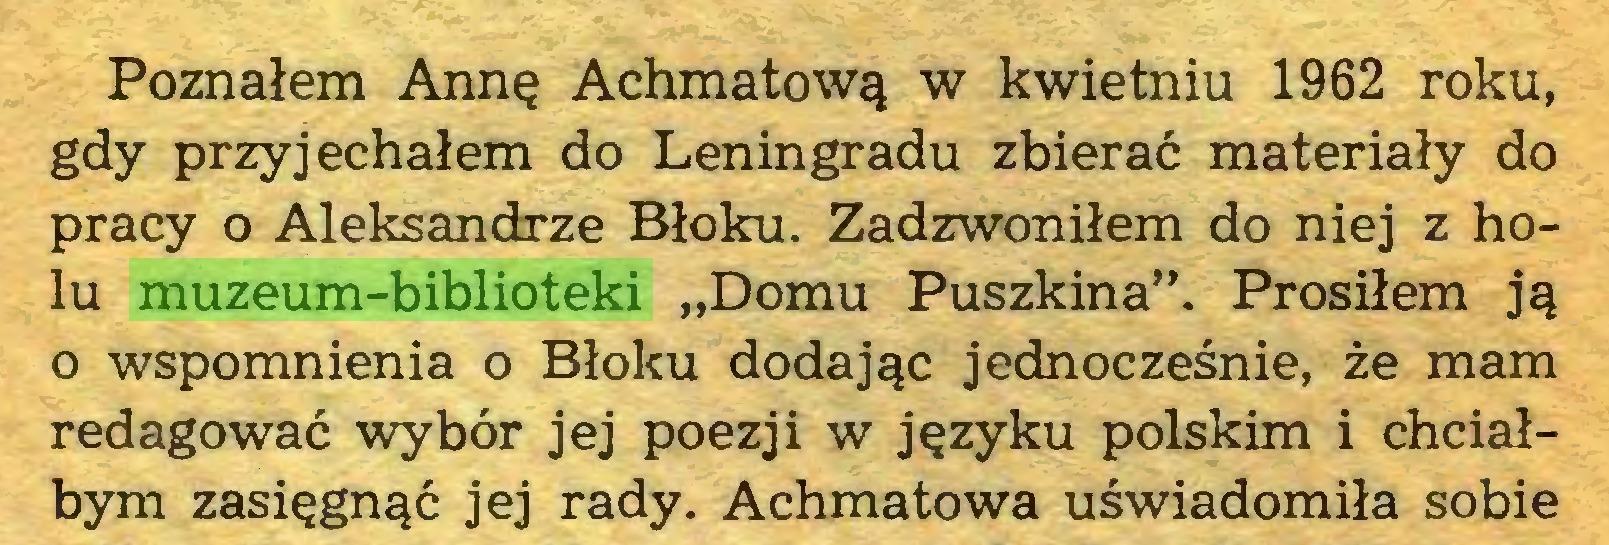 """(...) Poznałem Annę Achmatową w kwietniu 1962 roku, gdy przyjechałem do Leningradu zbierać materiały do pracy o Aleksandrze Błoku. Zadzwoniłem do niej z holu muzeum-biblioteki """"Domu Puszkina"""". Prosiłem ją 0 wspomnienia o Błoku dodając jednocześnie, że mam redagować wybór jej poezji w języku polskim i chciałbym zasięgnąć jej rady. Achmatowa uświadomiła sobie..."""